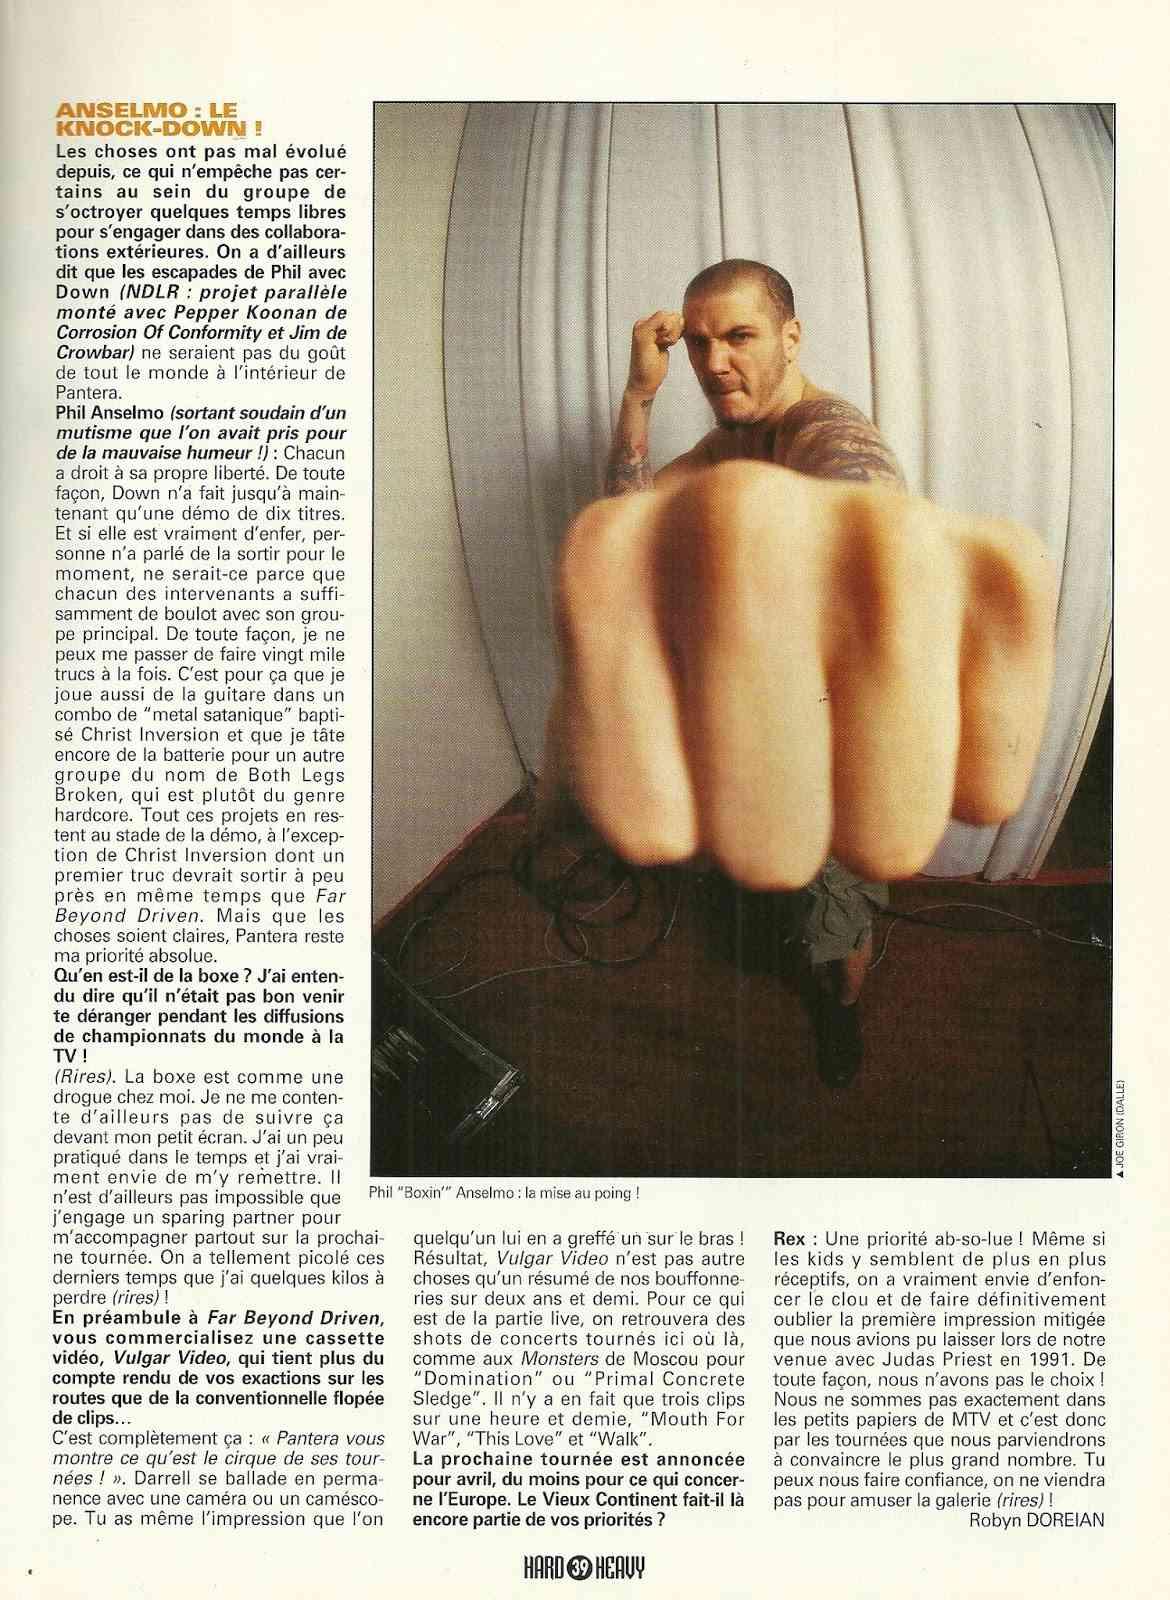 """PANTERA Les crocs acérés """"Hard & Heavy"""" Mars 1994 (ARCHIVE) Numyri25"""